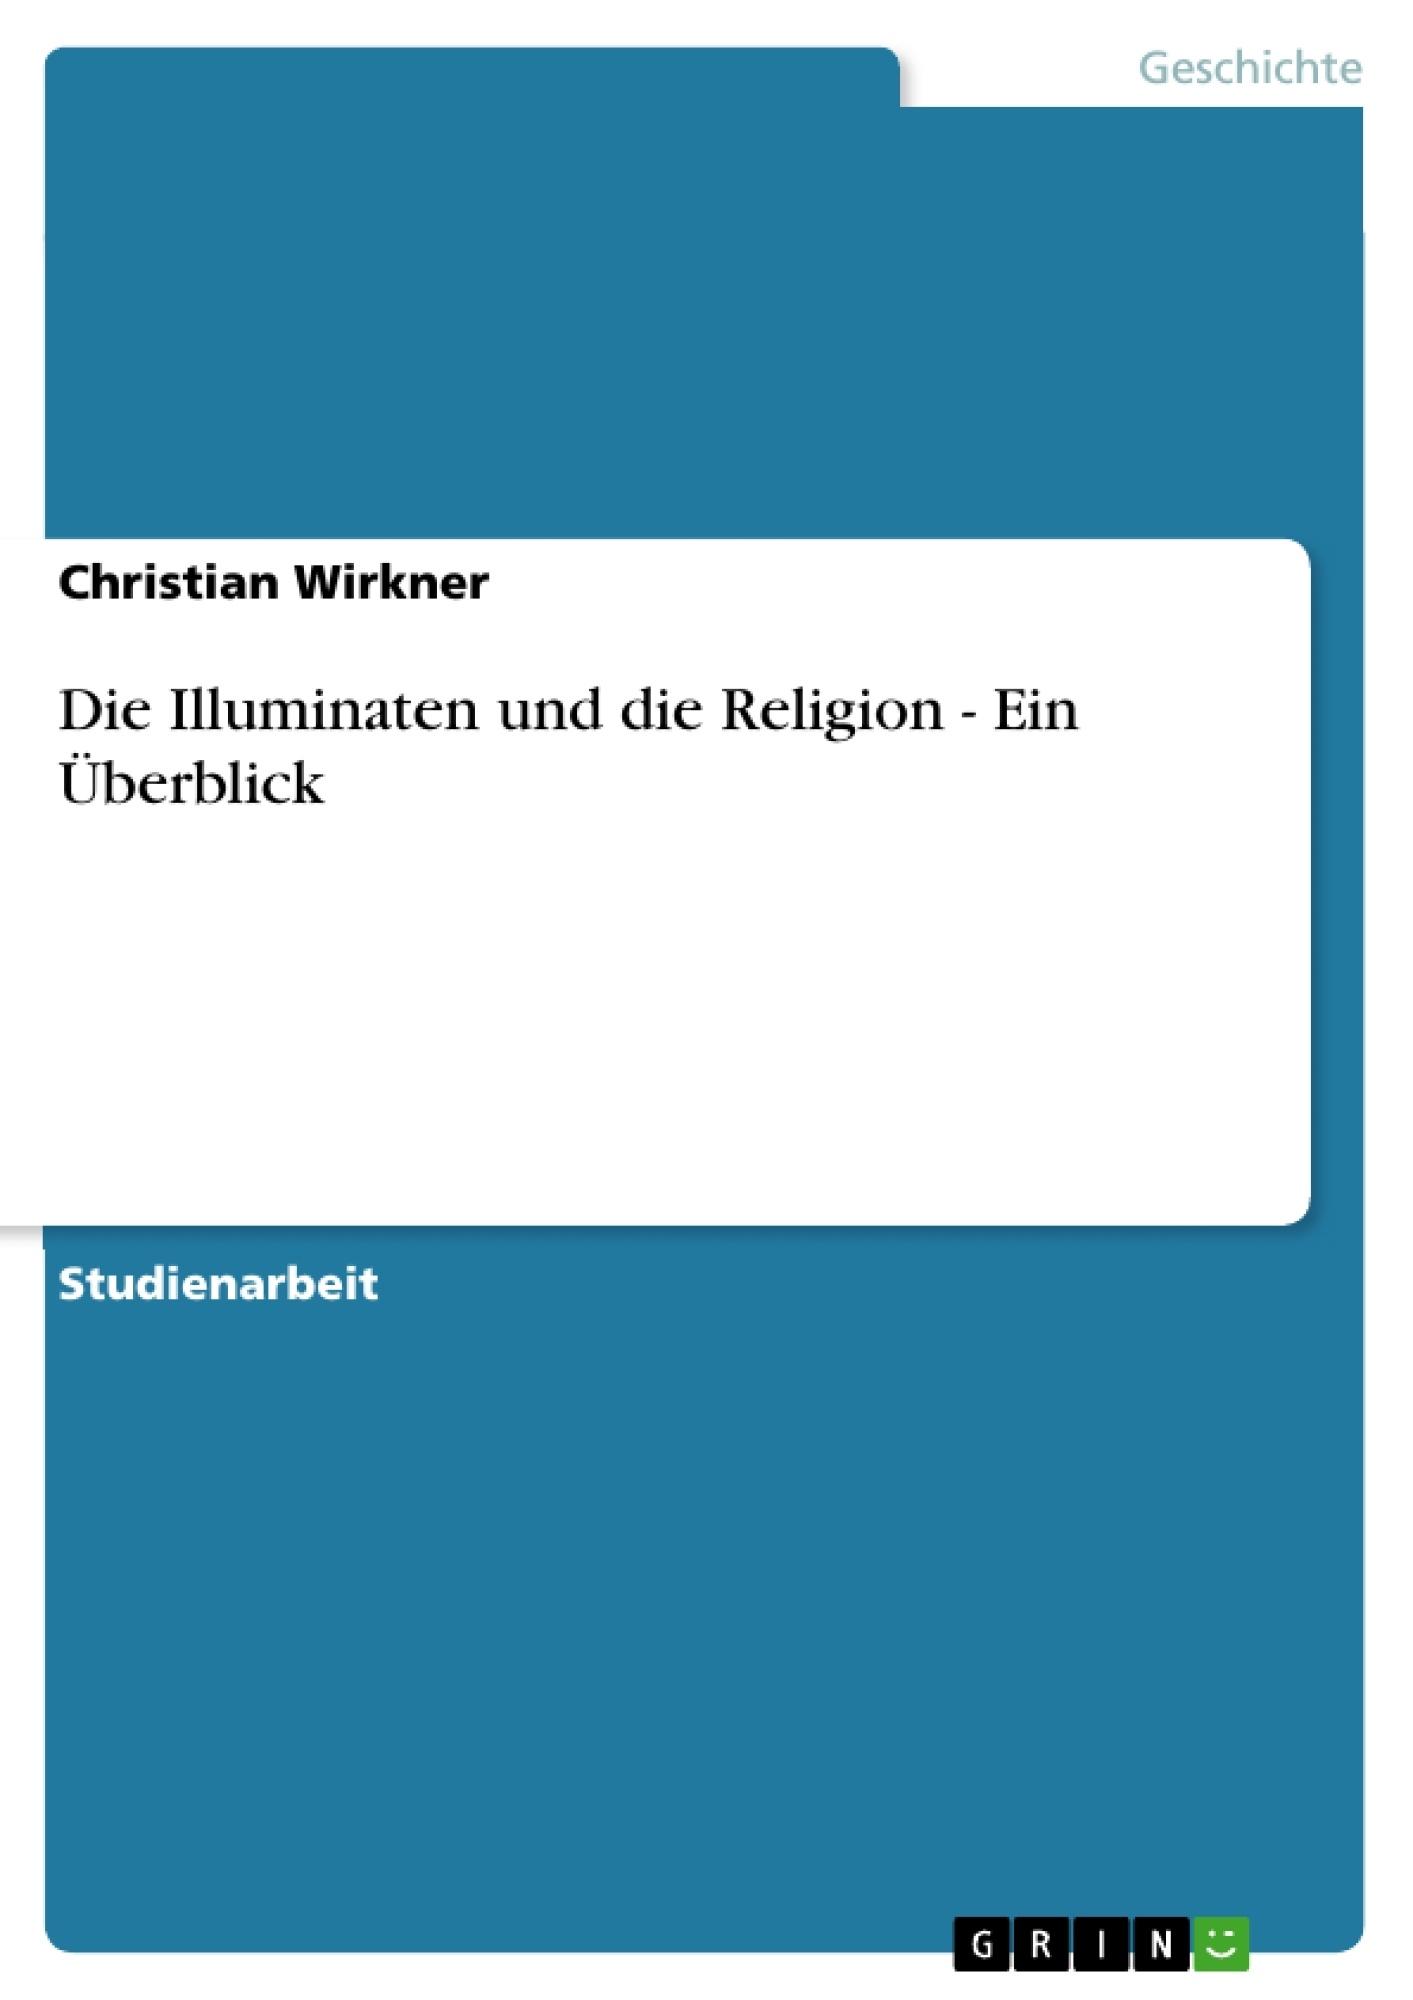 Titel: Die Illuminaten und die Religion - Ein Überblick